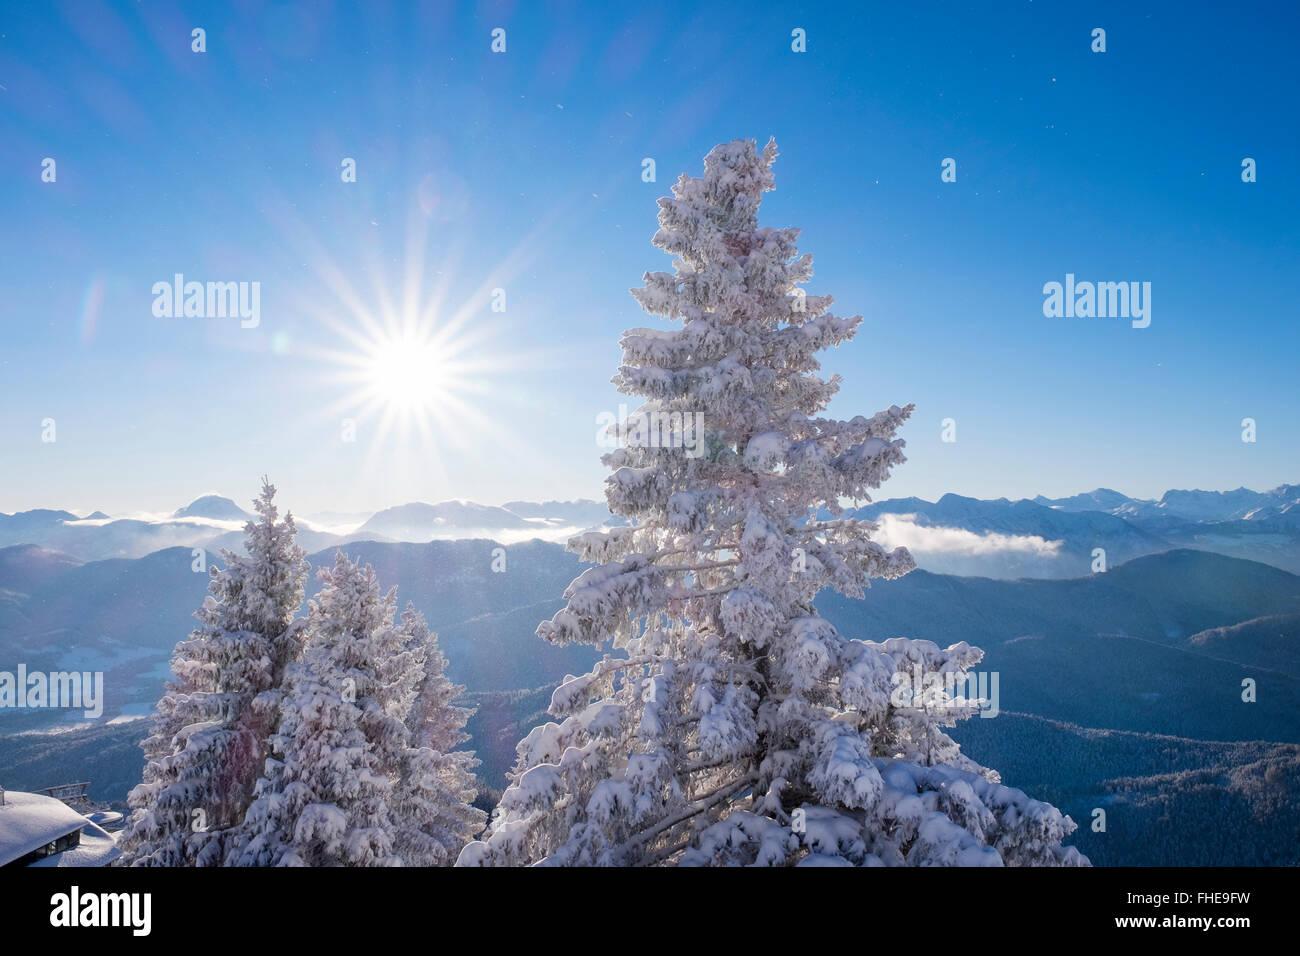 L'Allemagne, la Haute-Bavière, Lenggries, vue de Brauneck avec sapins couverts de neige Banque D'Images